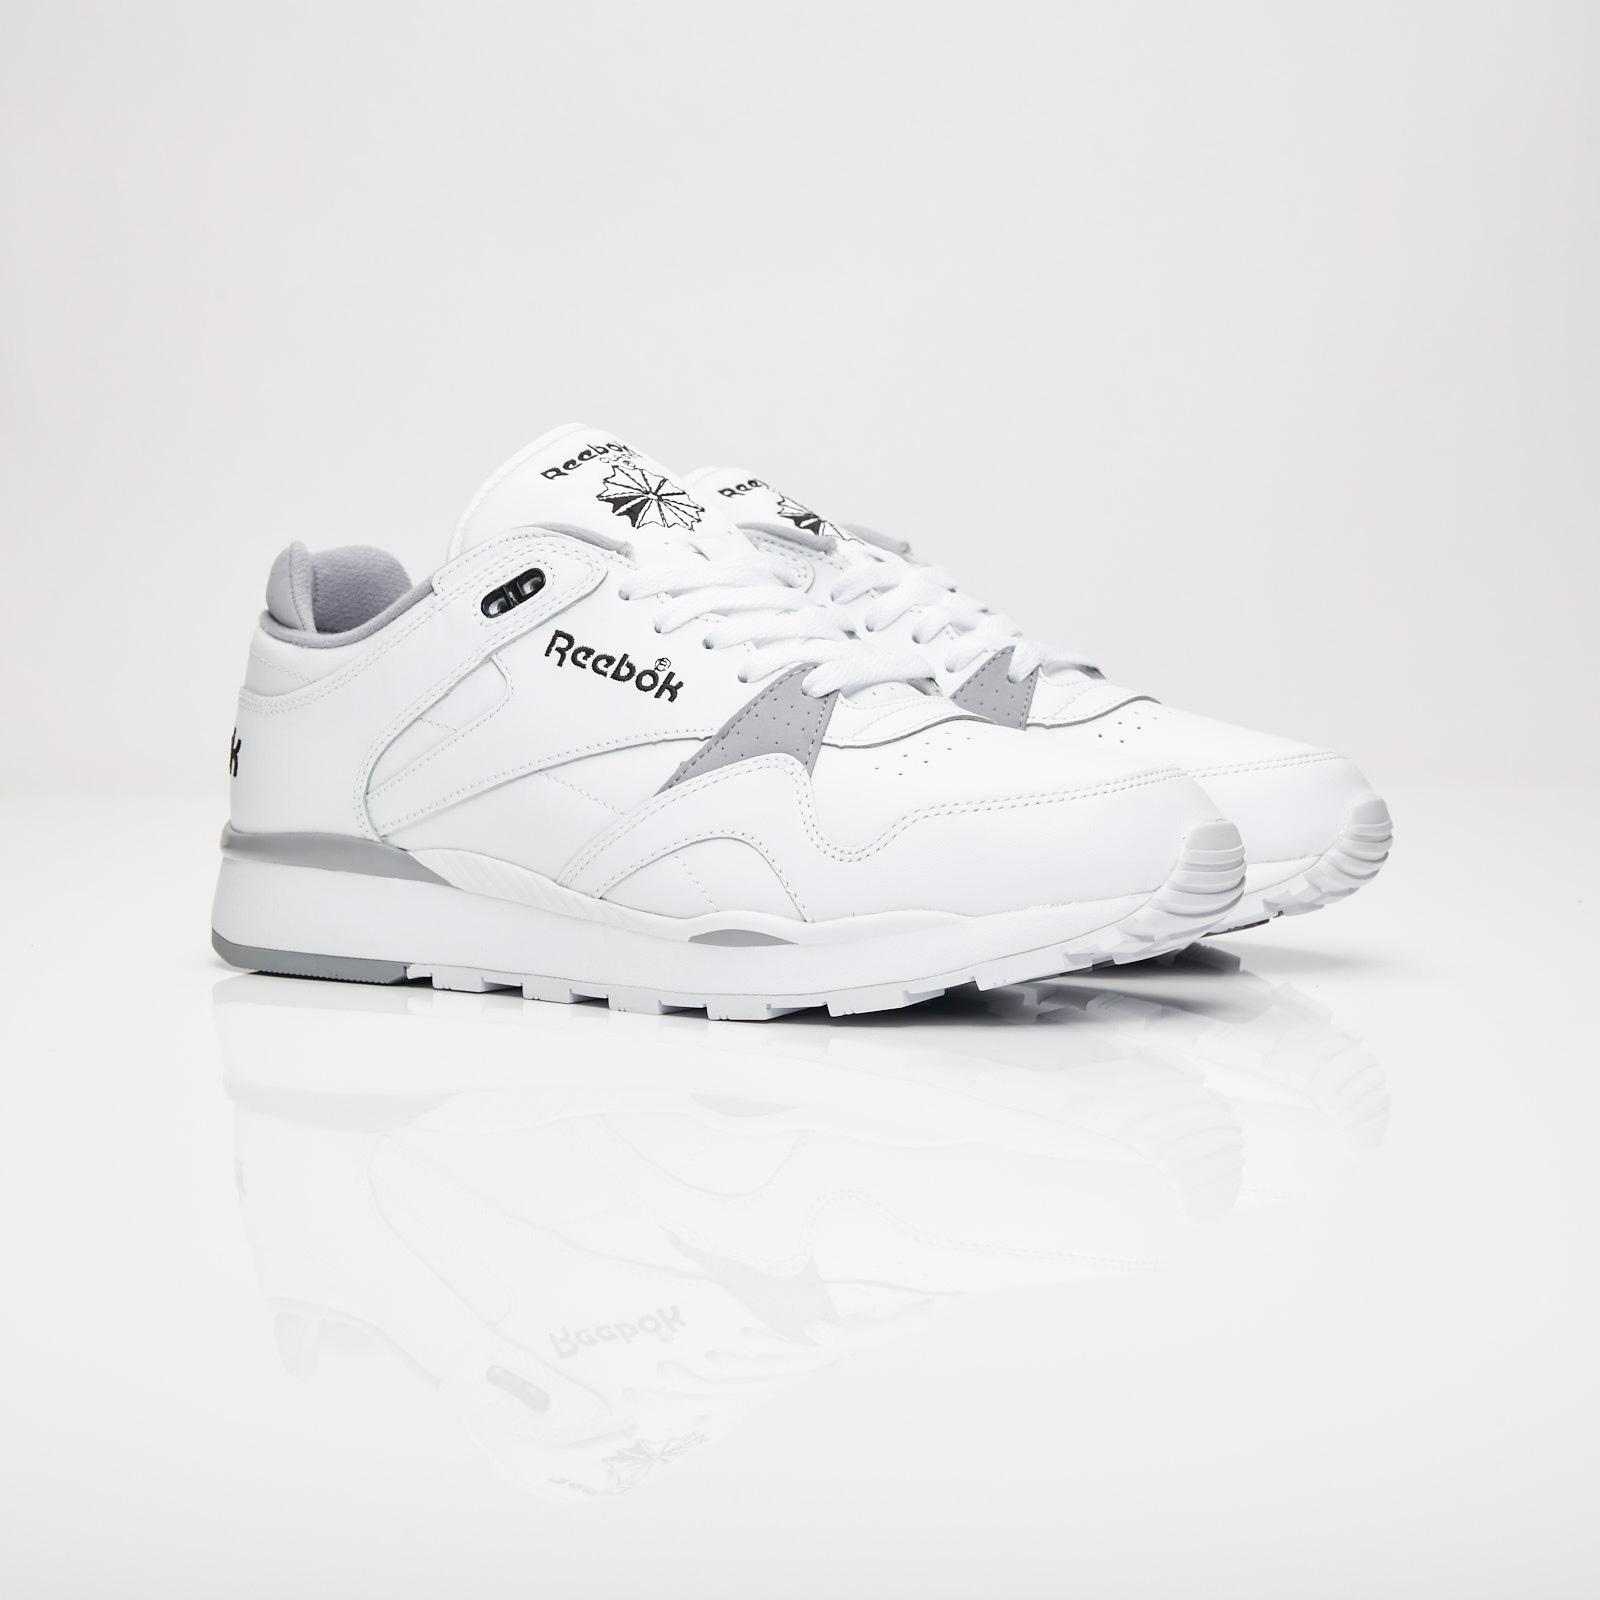 fe9e1d3e5c7 Reebok Cl Leather II - Cn3899 - Sneakersnstuff